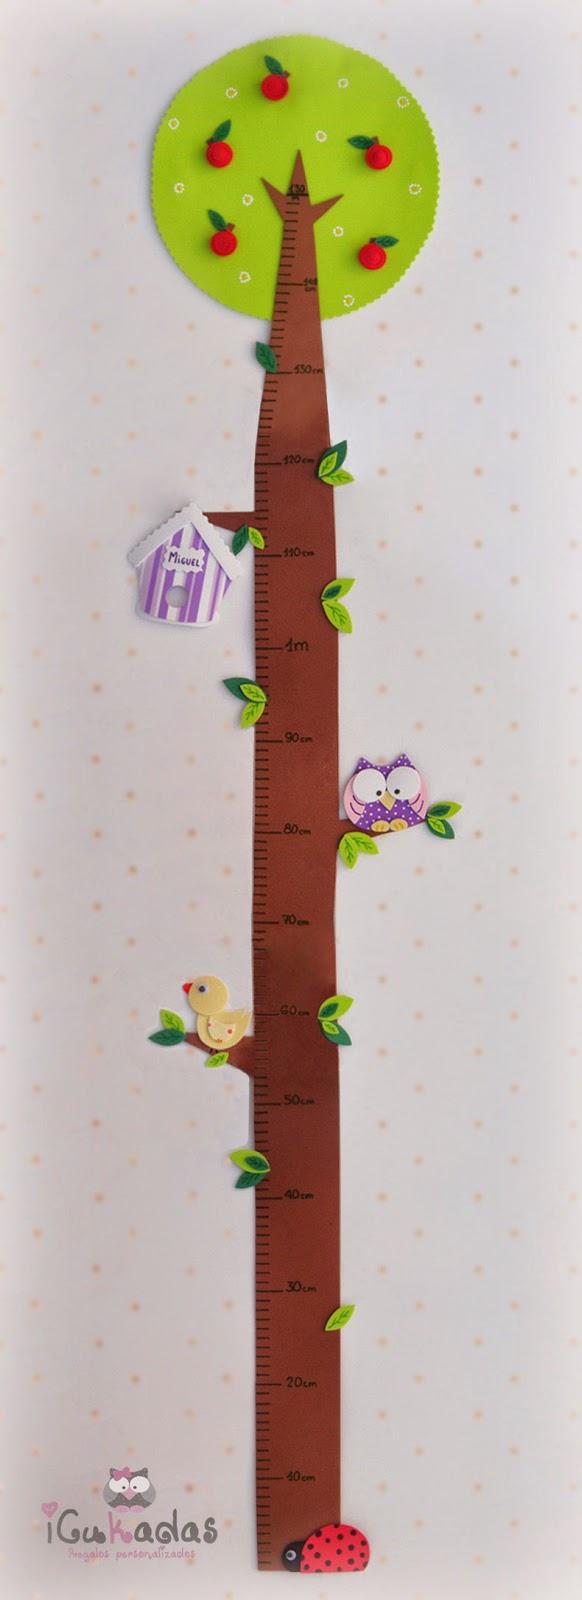 Icukadas medidor de pared infantil - Medidor de habitaciones ...